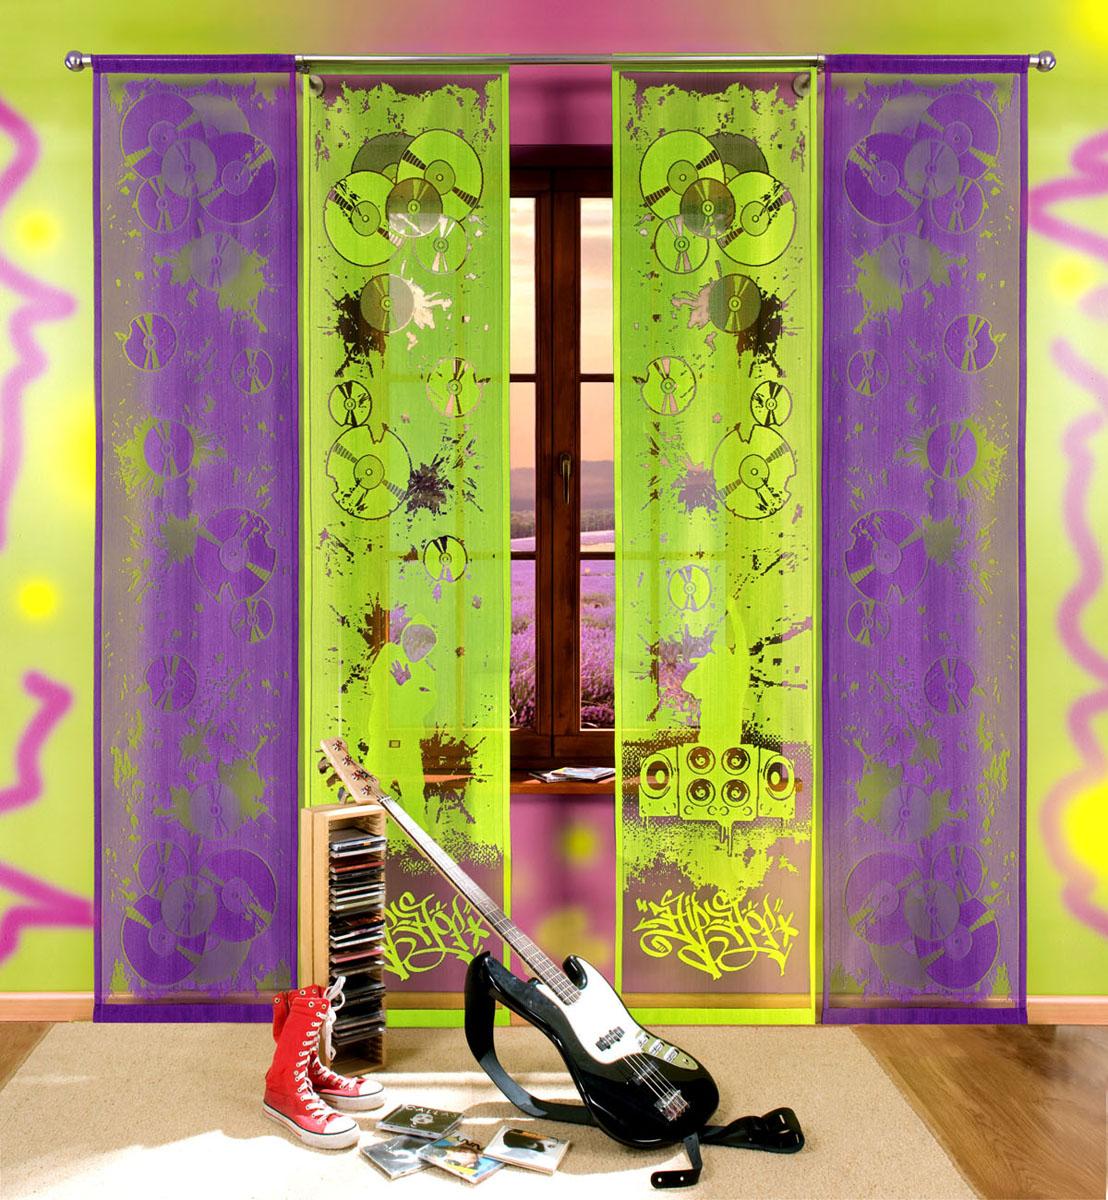 Комплект гардин-панно Hip-hop, на кулиске, цвет: зеленый, фиолетовый, высота 240 смS03301004Комплект гардин-панно Hip-hop, изготовленный из полиэстера, станет великолепным украшением любого окна. В комплект входят две гардины зеленого цвета и две гардины фиолетового цвета. Оригинальный принт в виде музыкальных дисков и граффити, яркая цветовая гамма привлекут к себе внимание и органично впишутся в интерьер комнаты. Все элементы комплекта оснащены кулиской для крепления на круглый карниз. Характеристики:Материал: 100% полиэстер. Размер упаковки:27 см х 34 см х 3 см. Артикул: 700608.В комплект входит:Гардина-панно - 4 шт. Размер (Ш х В): 50 см х 240 см. Фирма Wisan на польском рынке существует уже более пятидесяти лет и является одной из лучших польских фабрик по производству штор и тканей. Ассортимент фирмы представлен готовыми комплектами штор для гостиной, детской, кухни, а также текстилем для кухни (скатерти, салфетки, дорожки, кухонные занавески). Модельный ряд отличает оригинальный дизайн, высокое качество. Ассортимент продукции постоянно пополняется.